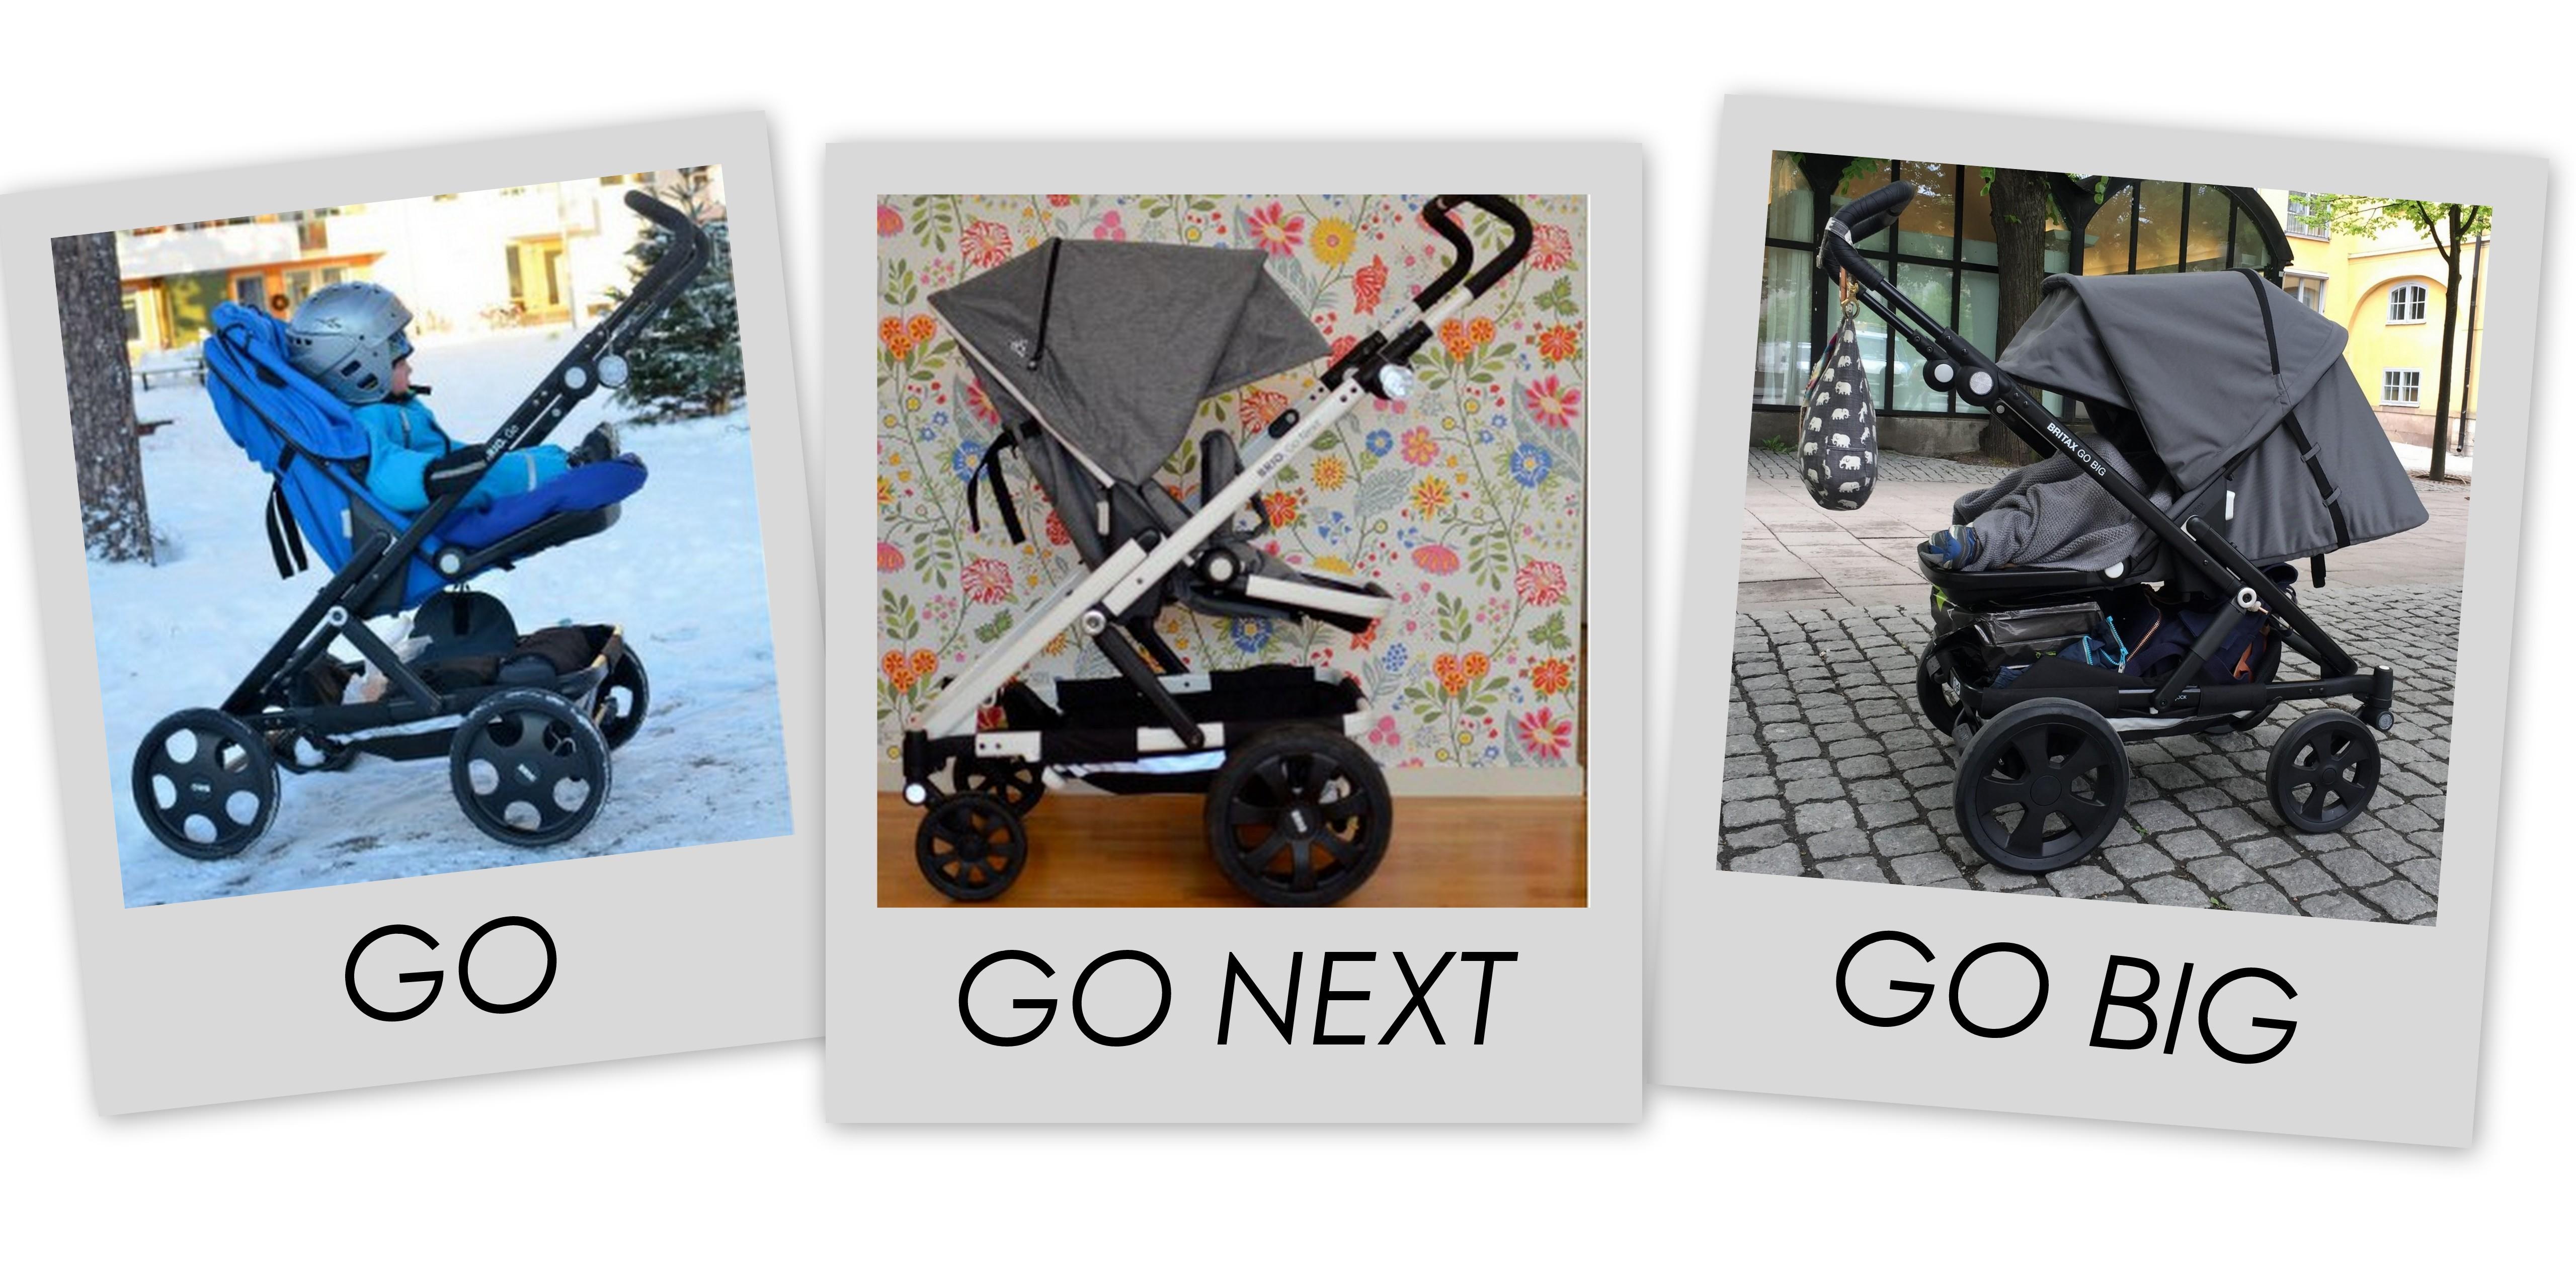 Go-guide - allt om skillnaderna mellan Britax Go, Go Next och Go Big